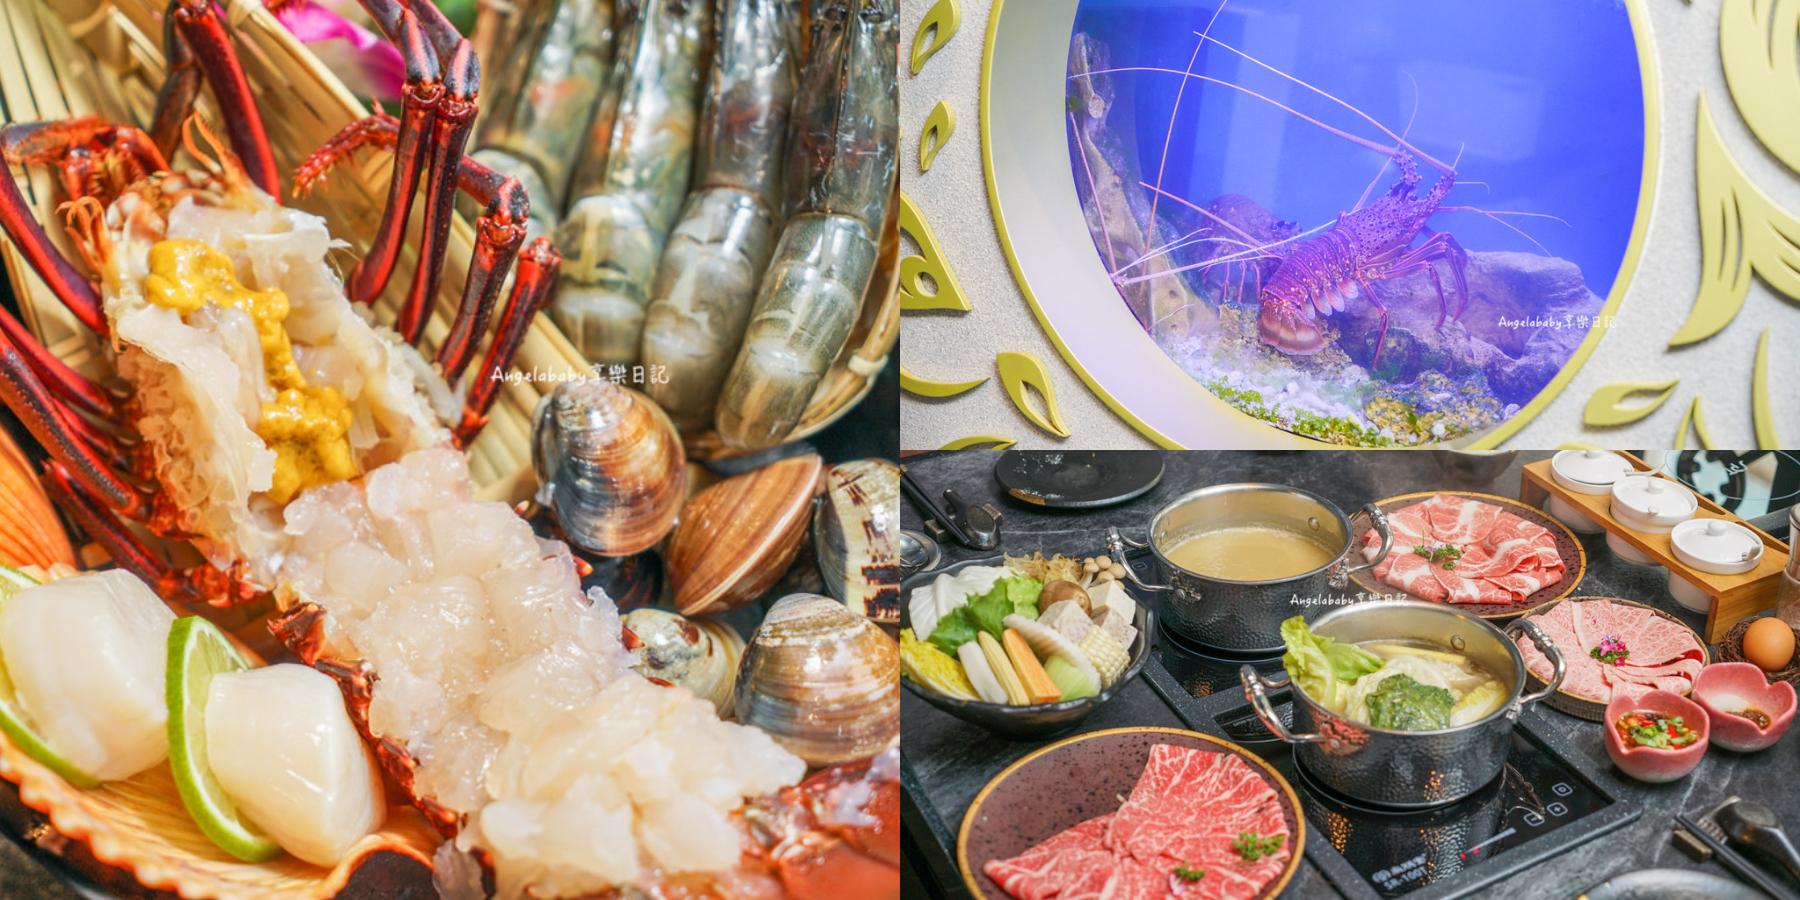 大安區最美的頂級火鍋,以湯頭、頂級食材擄獲老饕的味蕾、外帶火鍋打九折『東豐東鍋物』 @梅格(Angelababy)享樂日記